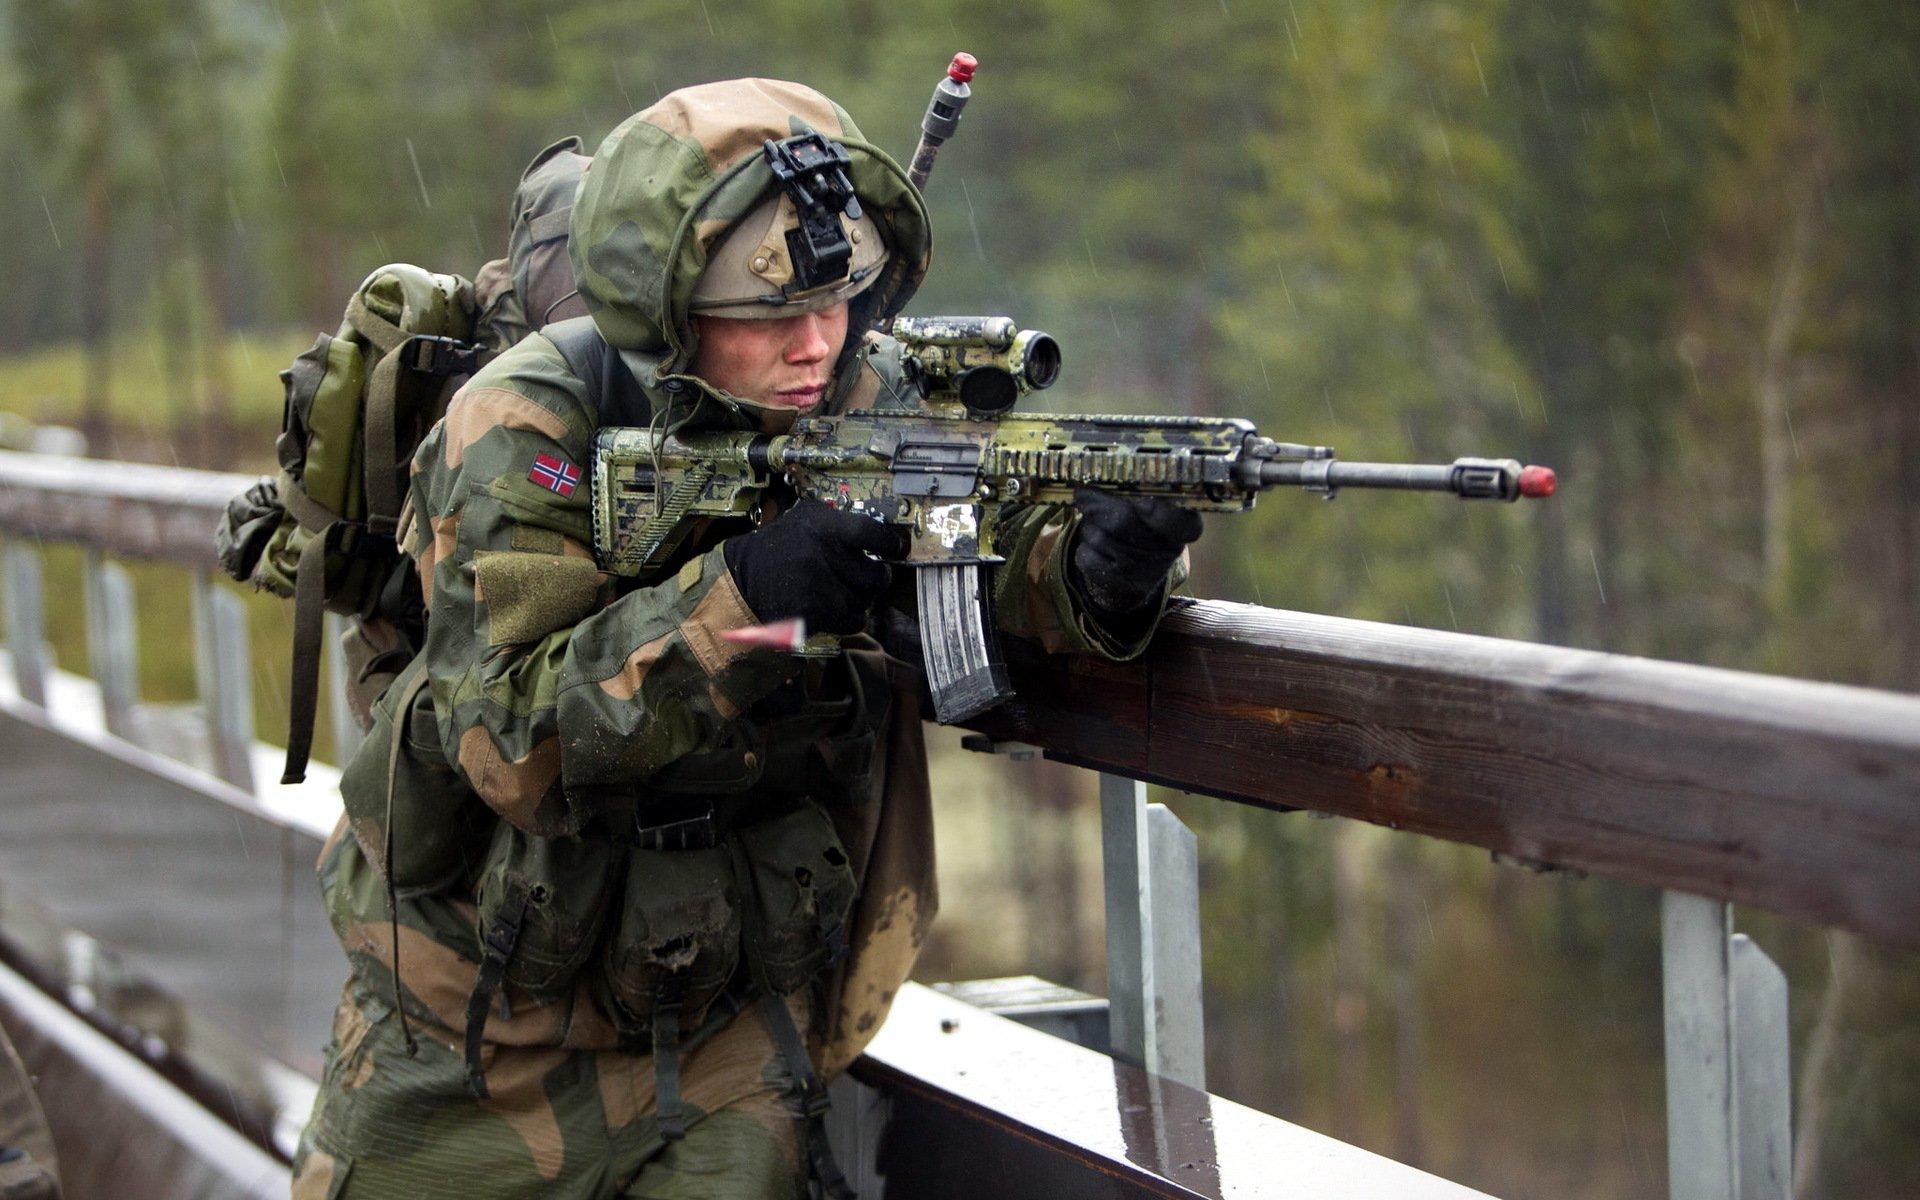 армия солдаты военные картинки расположился